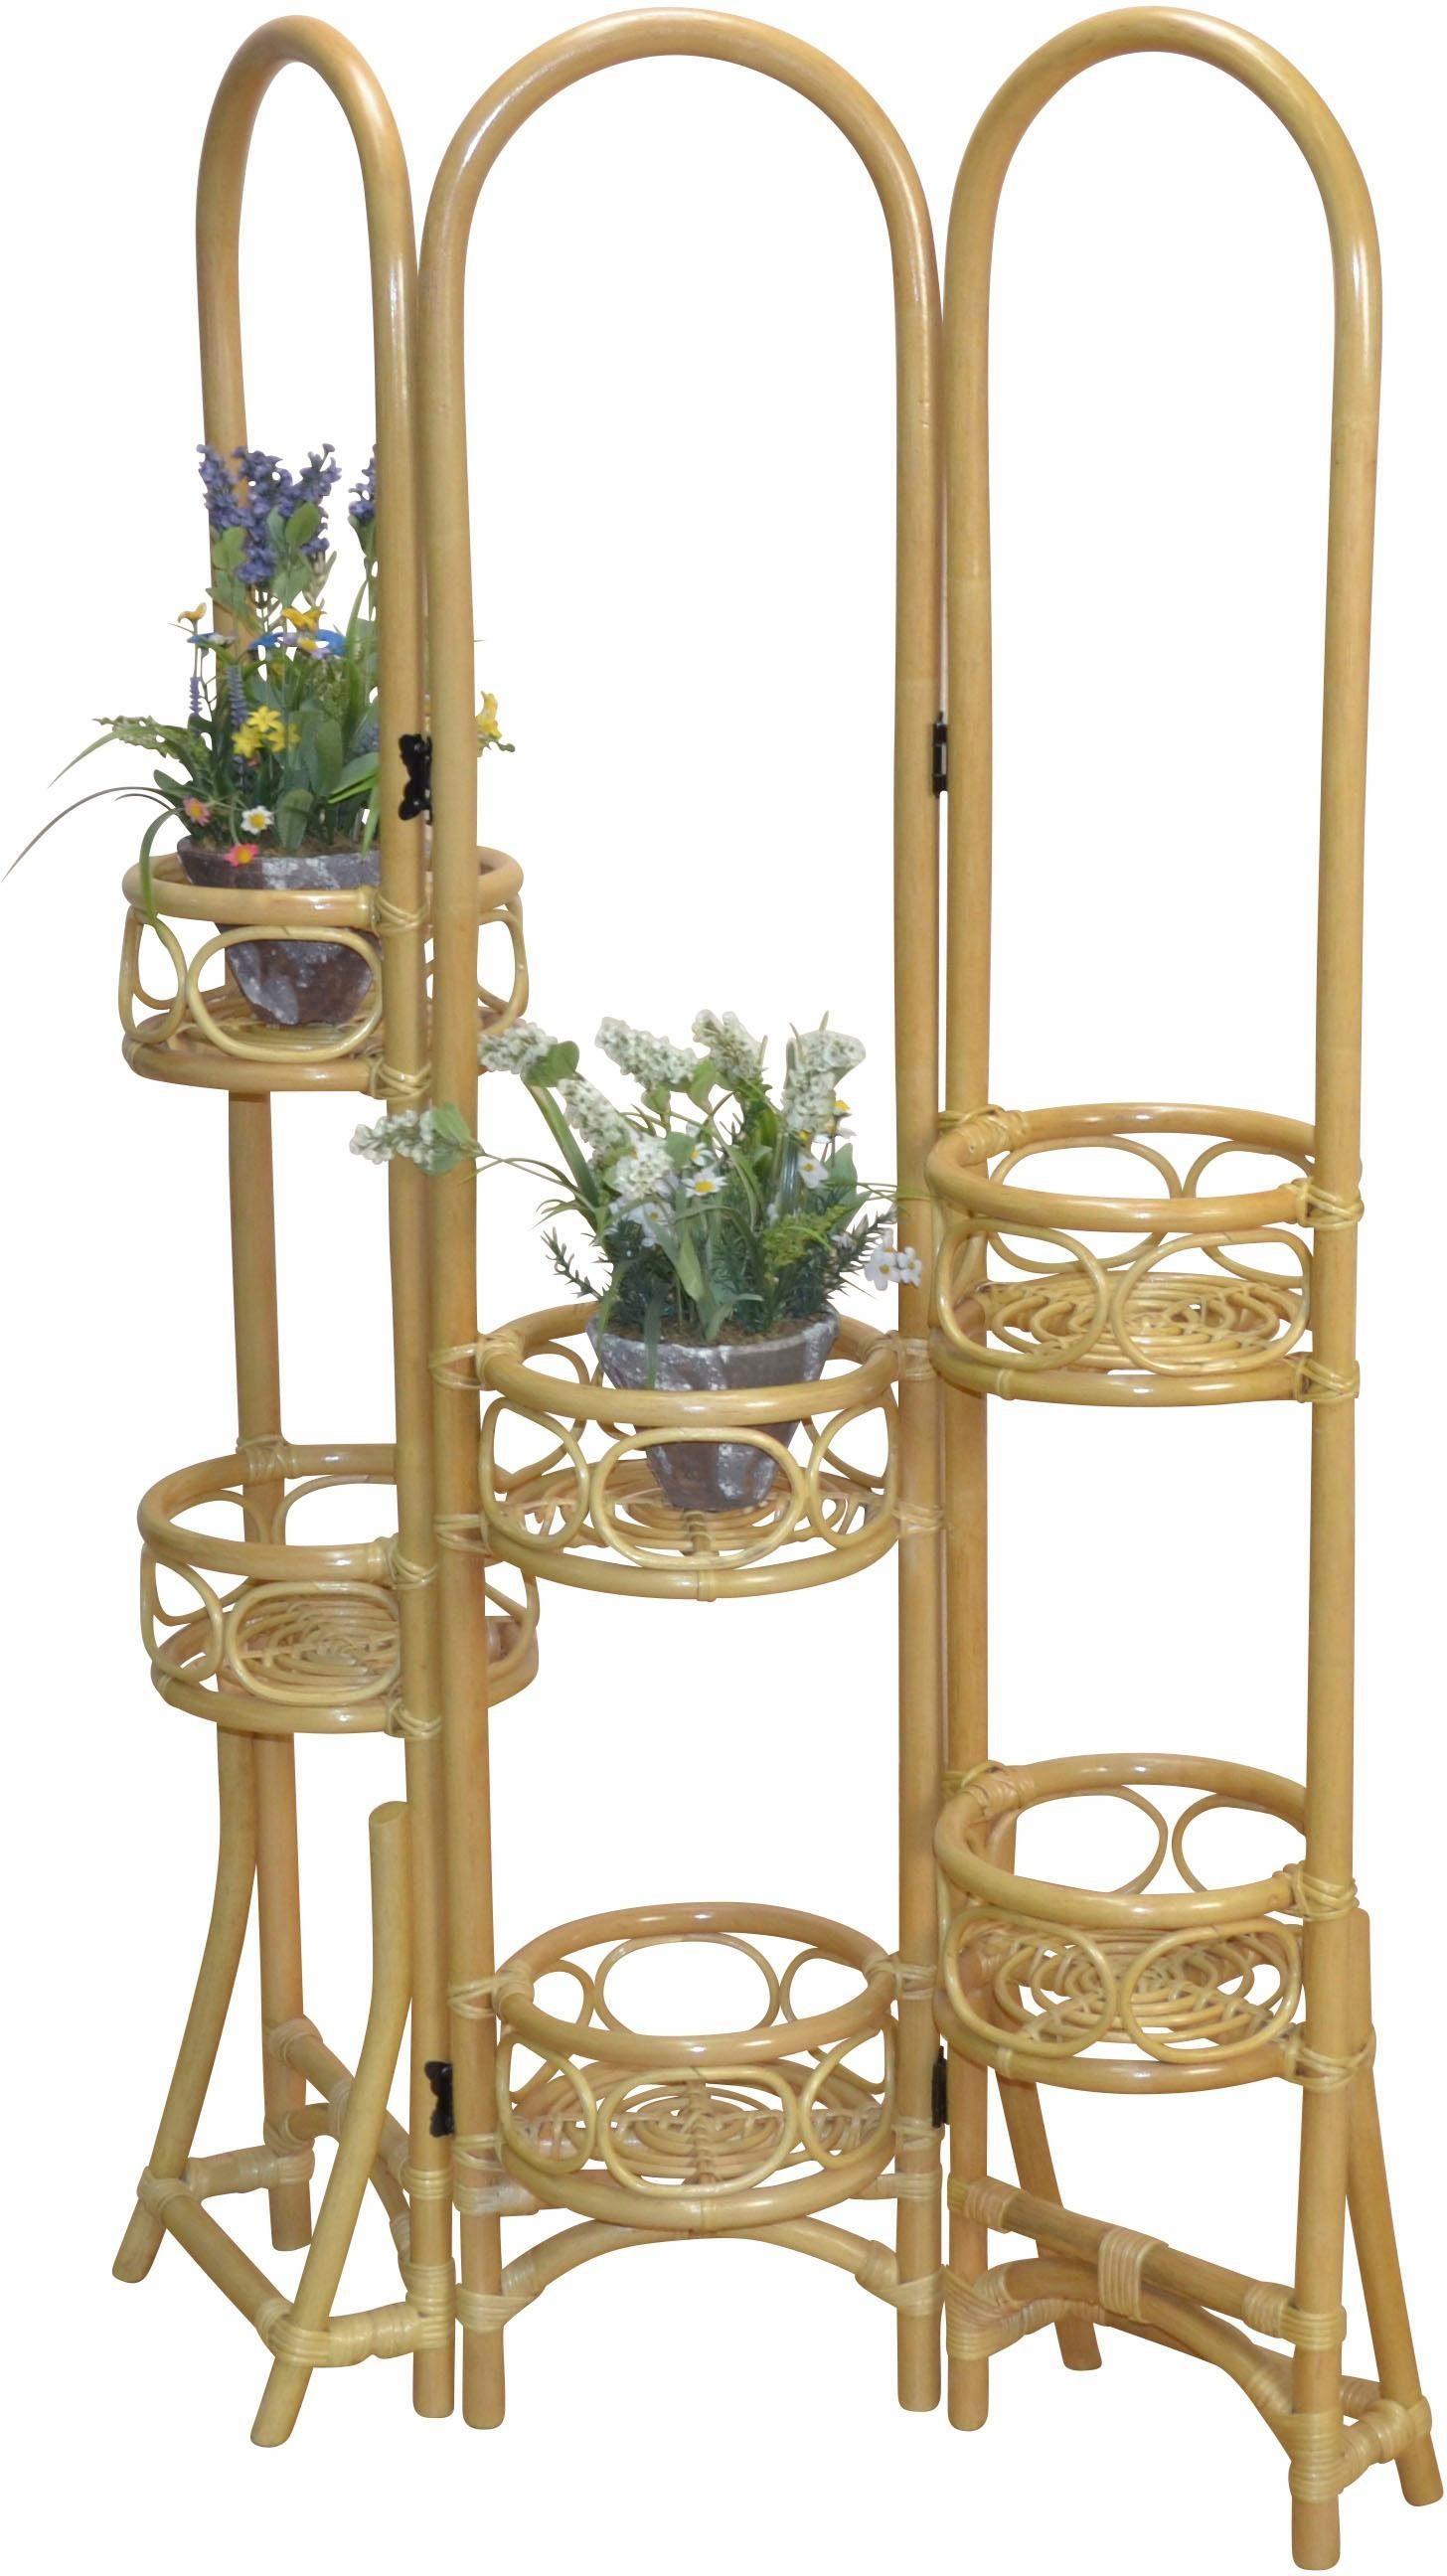 Home affaire Rattan-Paravent mit Blumenhalterung